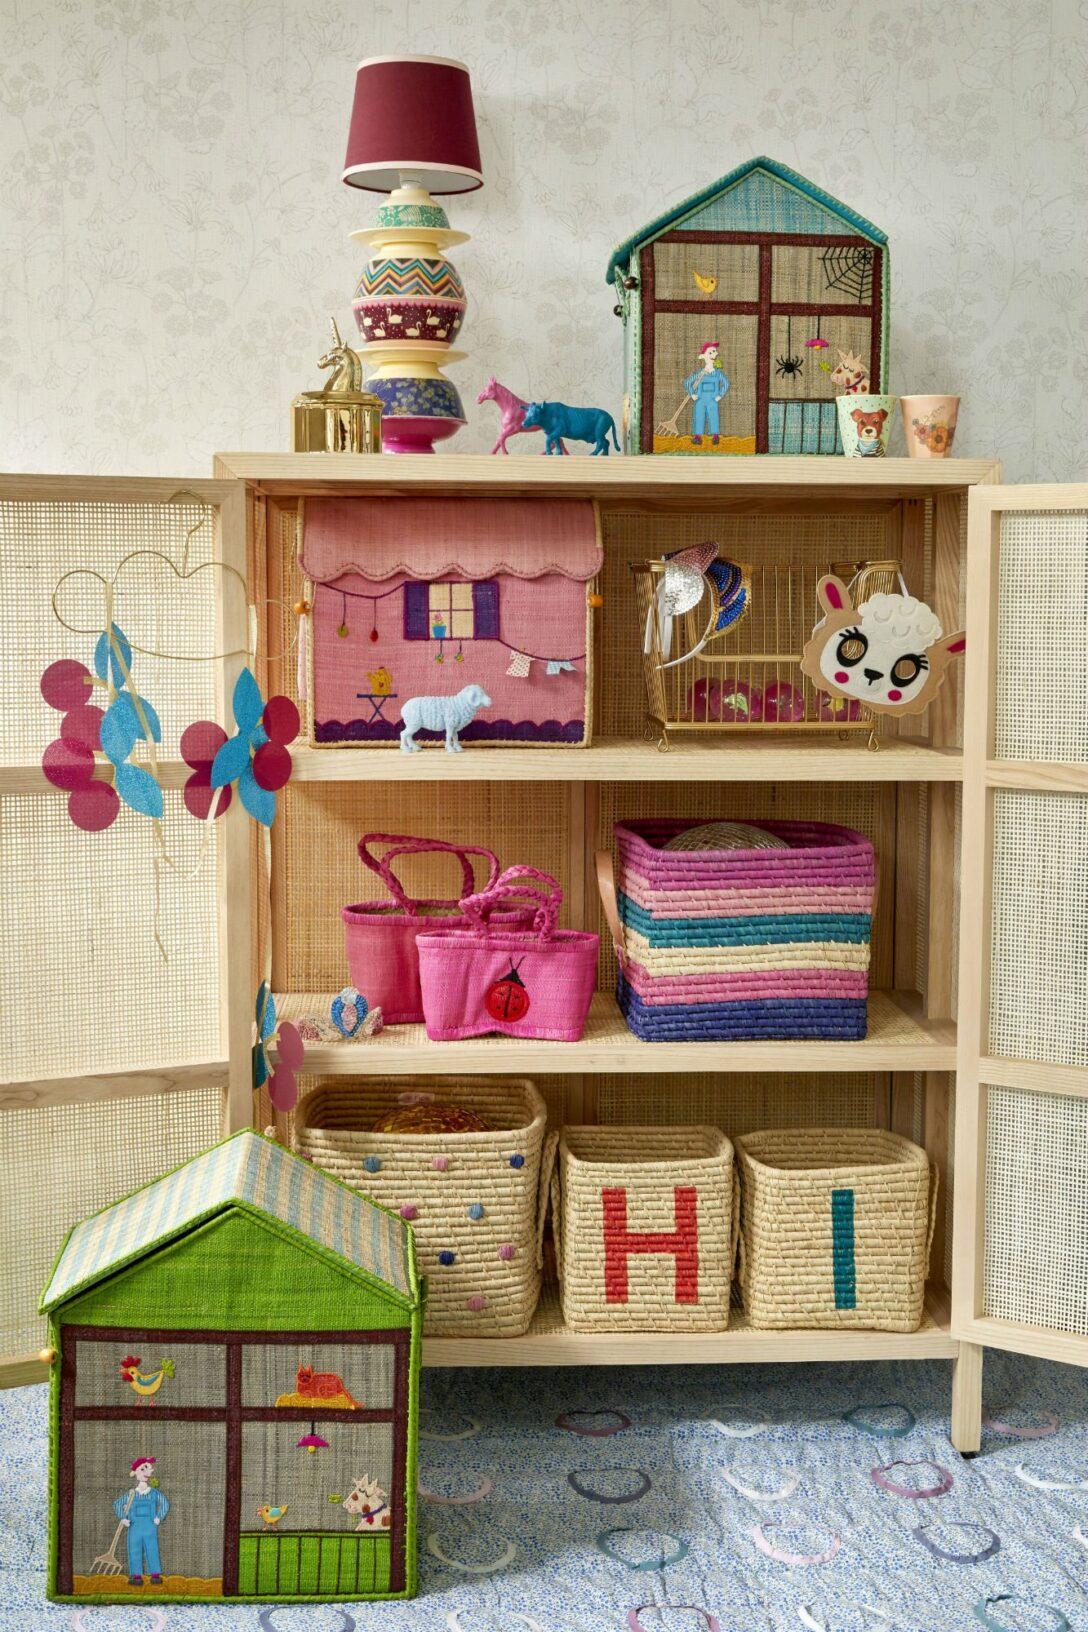 Large Size of Kinderzimmer Aufbewahrungsbox Aufbewahrungsregal Ikea Aufbewahrungskorb Grau Aufbewahrung Spielzeug Ideen Regal Rice Fr Das Skandeko Bett Mit Betten Sofa Kinderzimmer Kinderzimmer Aufbewahrung